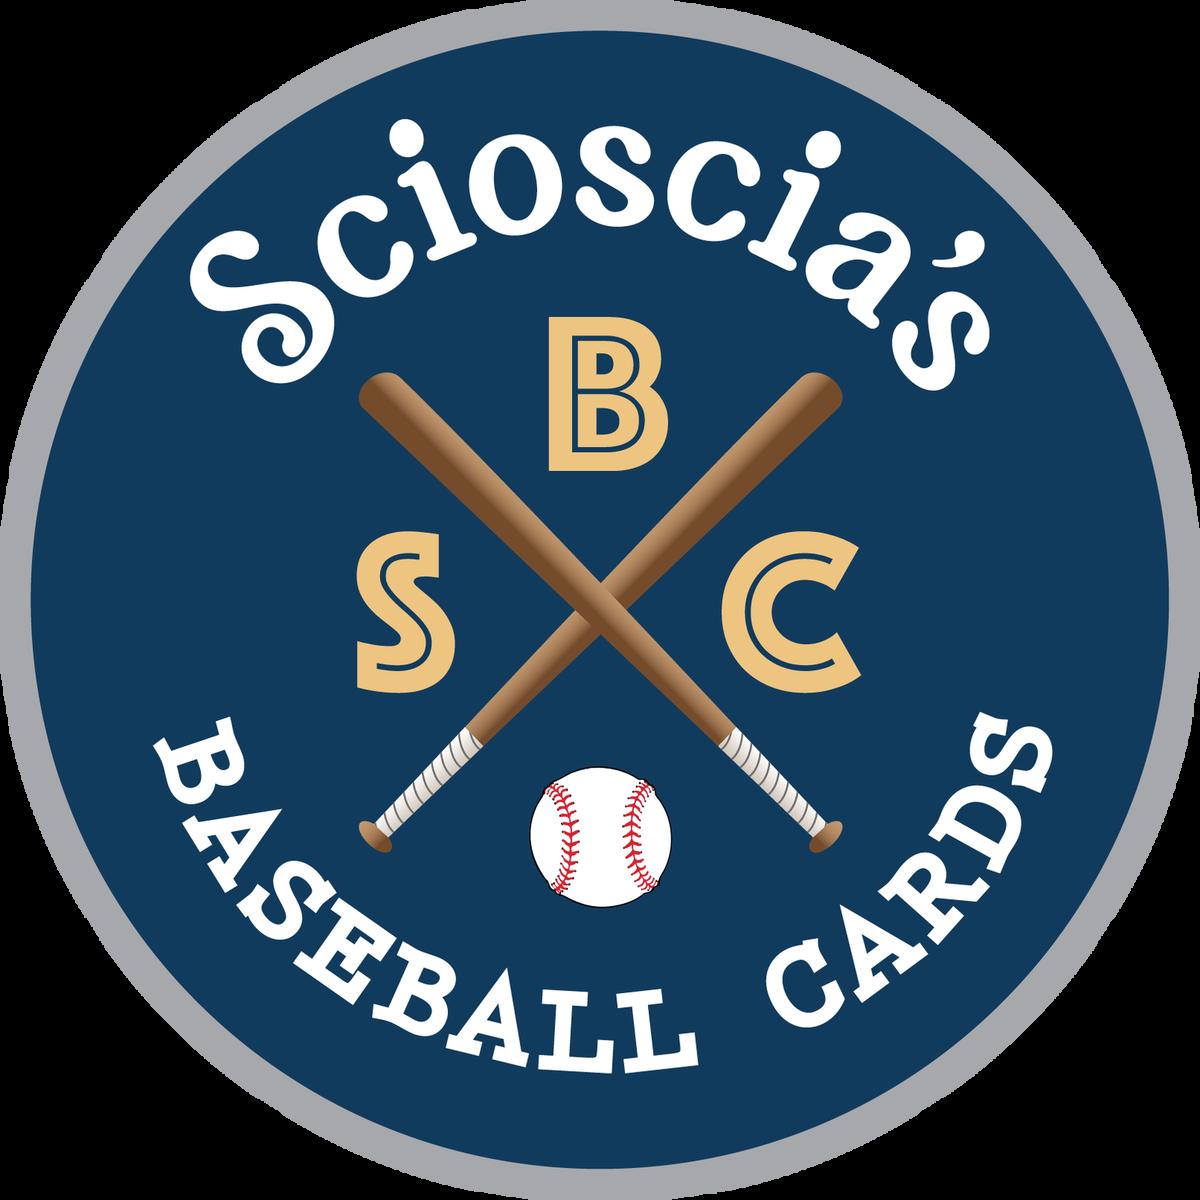 Scioscia's Baseball Cards